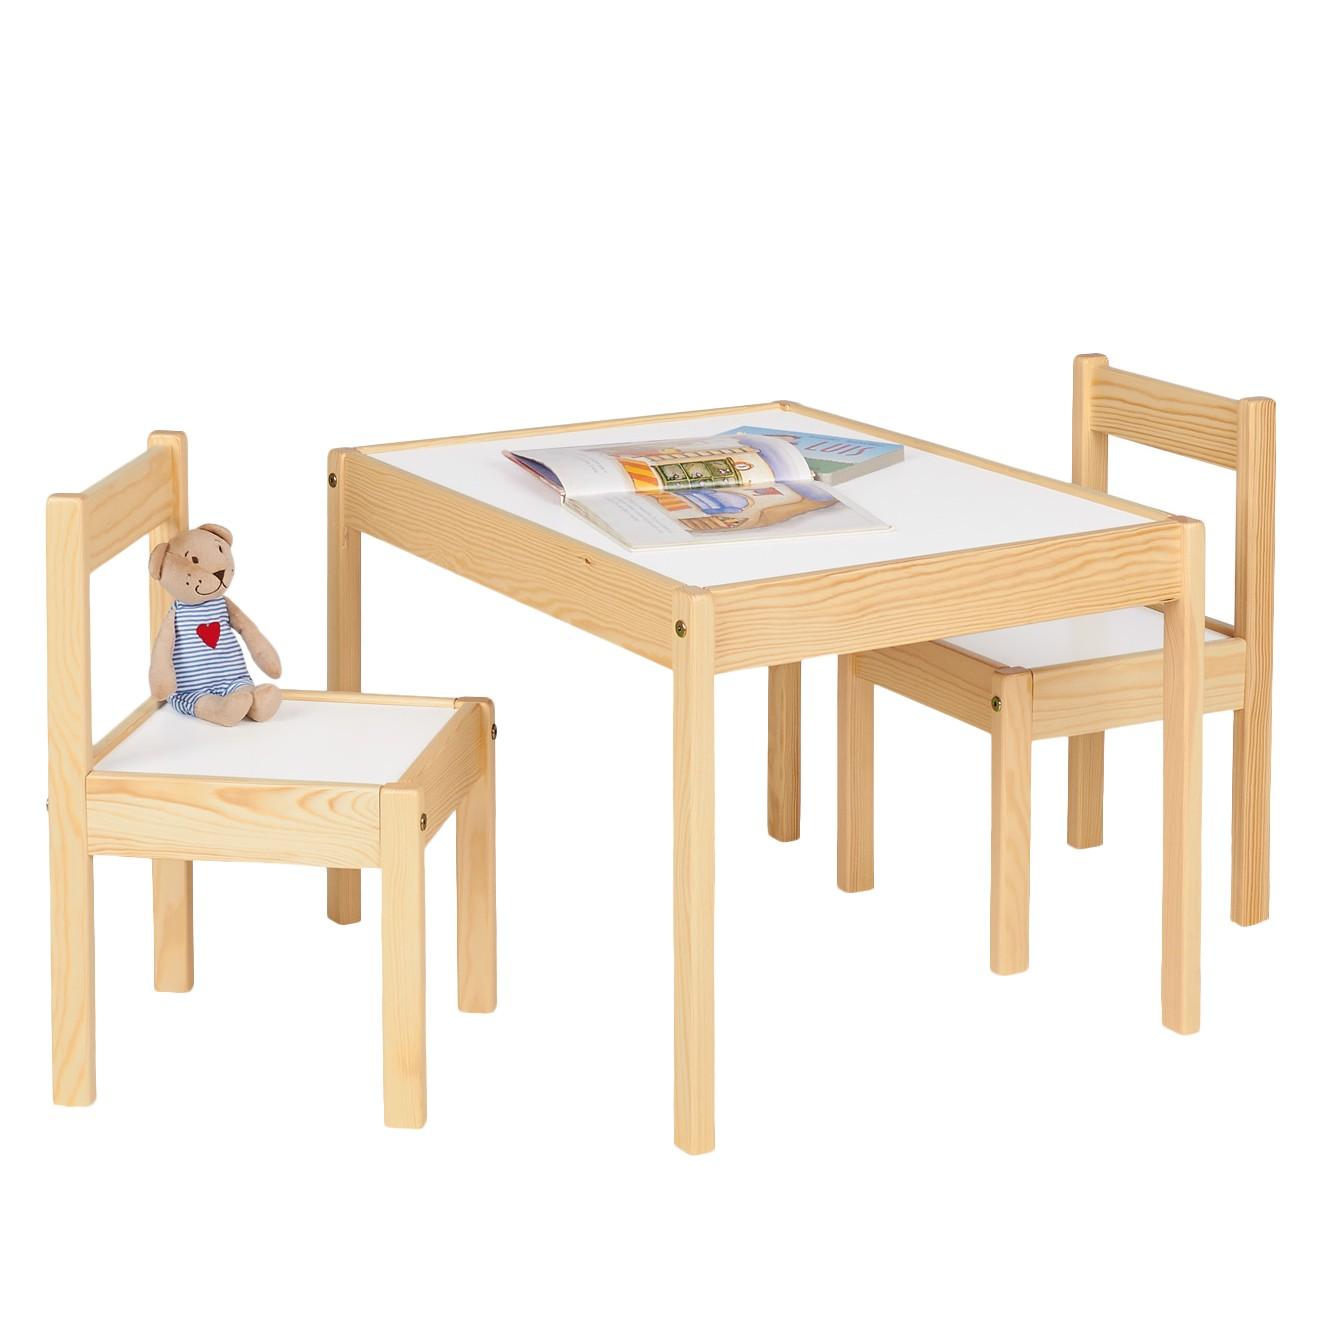 Kinderzitgroep Olaf (3-delige set) - natuurlijk deels massief grenenhout/wit, Pinolino